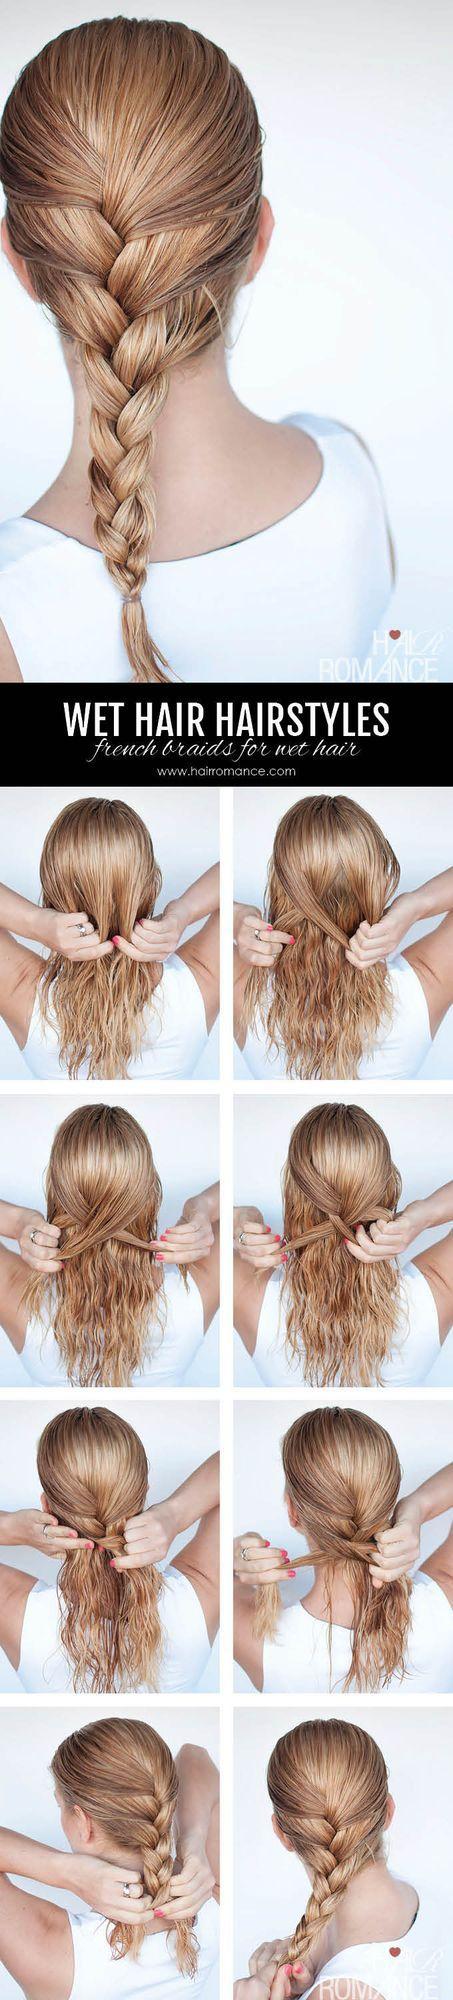 Fine 1000 Ideas About Wet Hair Hairstyles On Pinterest Wet Short Hairstyles Gunalazisus